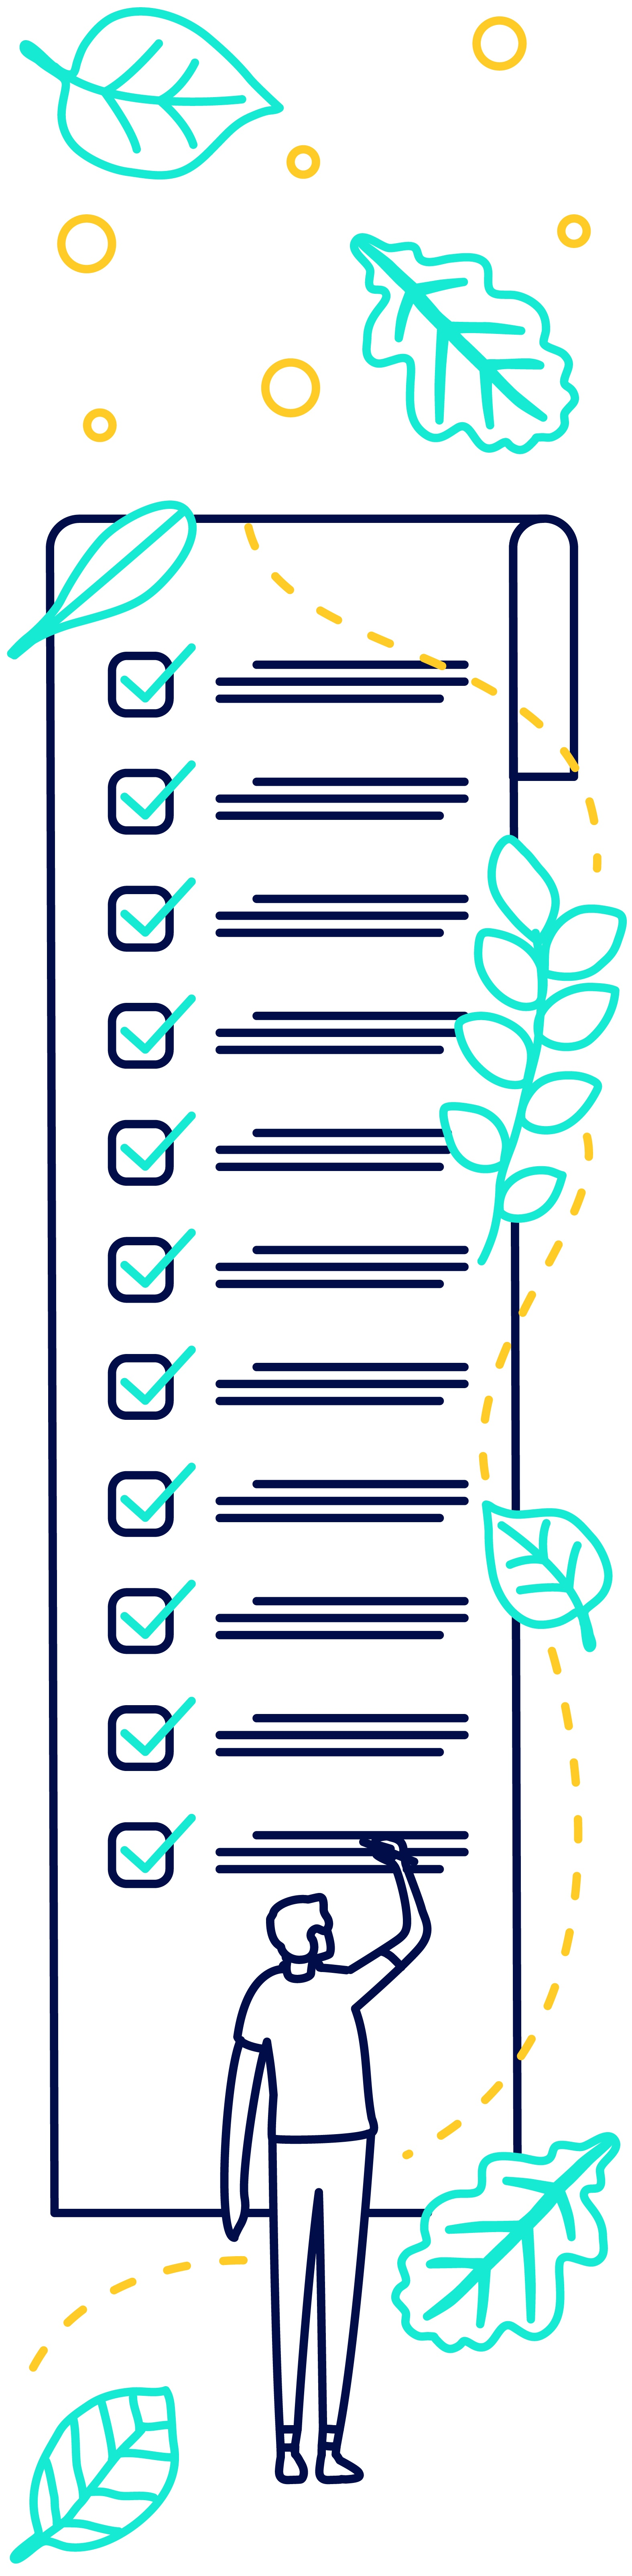 Schedule your free inbound marketing assessment - Articulate Marketing